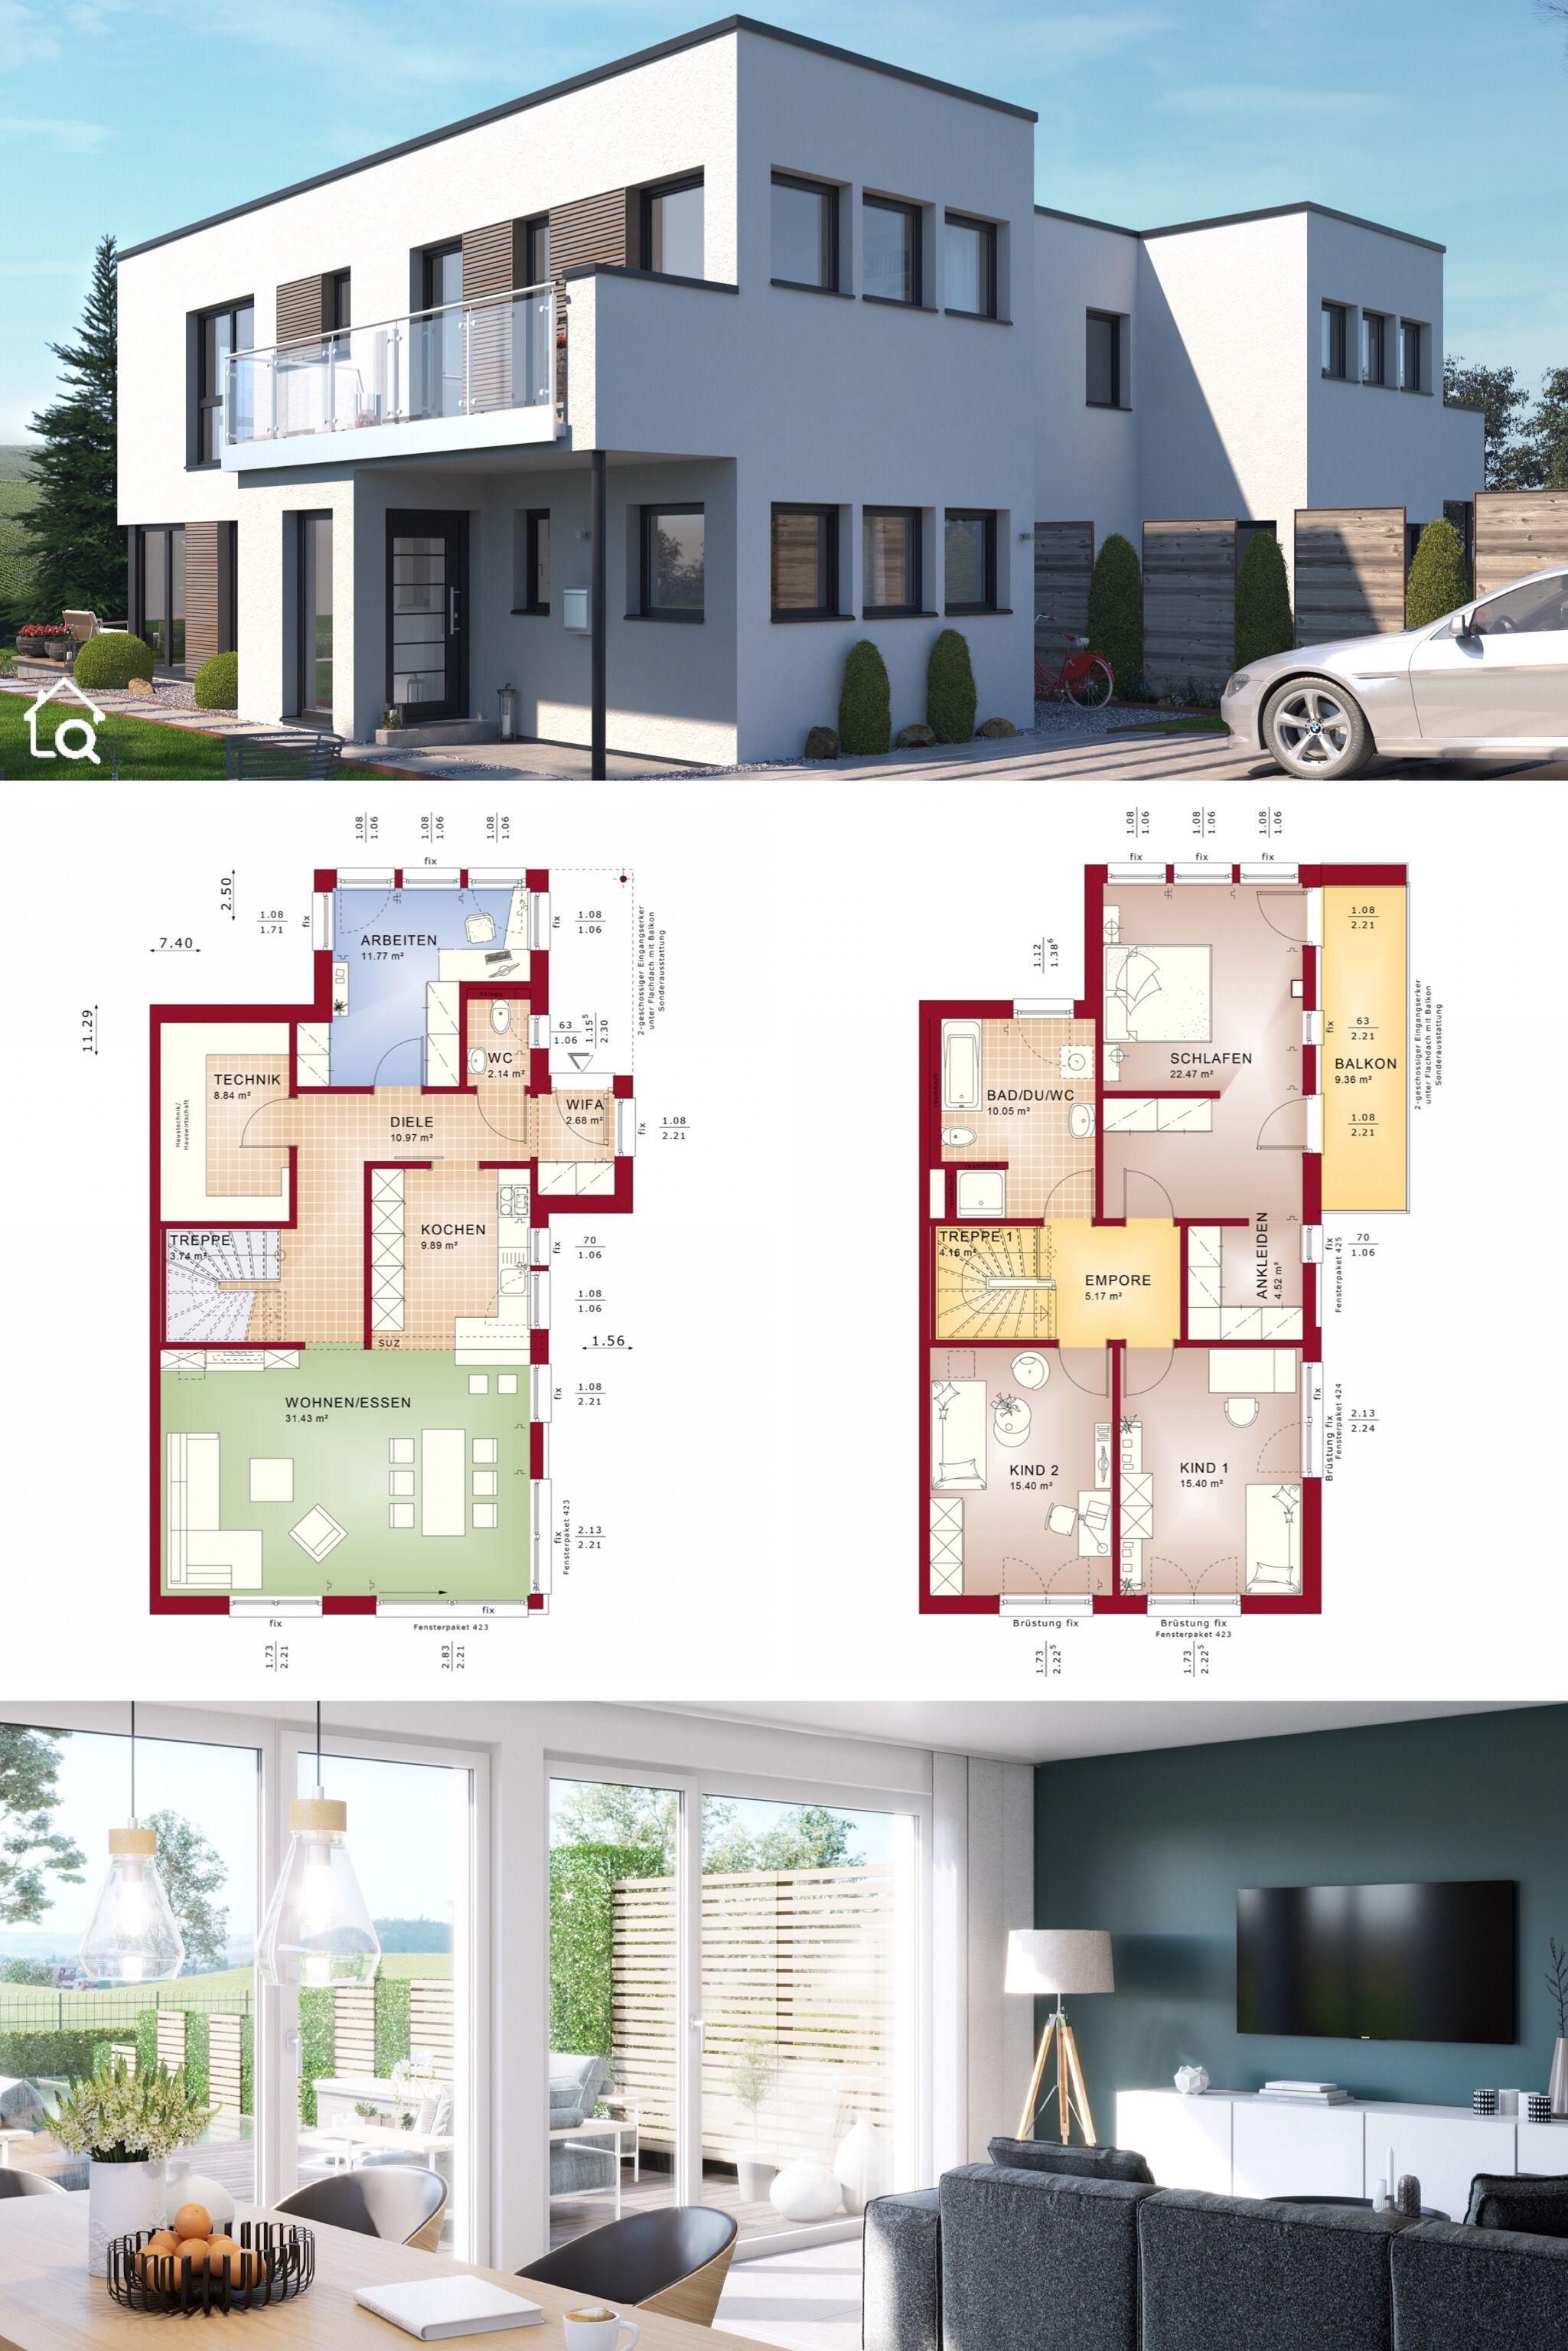 Doppelhaus modern Grundriss mit Flachdach Architektur im